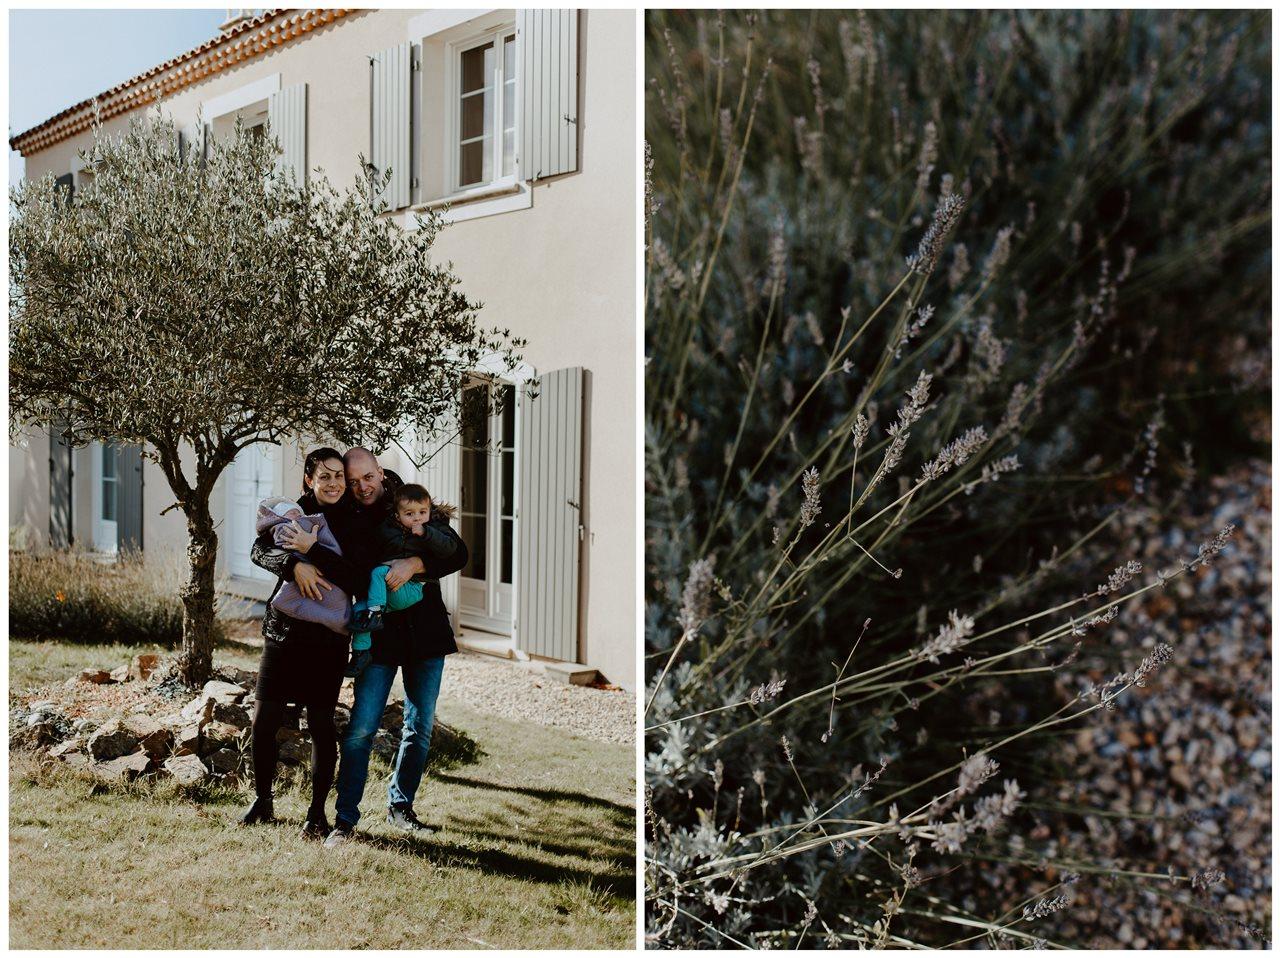 séance nouveau-né lifestyle portrait famille devant la maison détail lavande